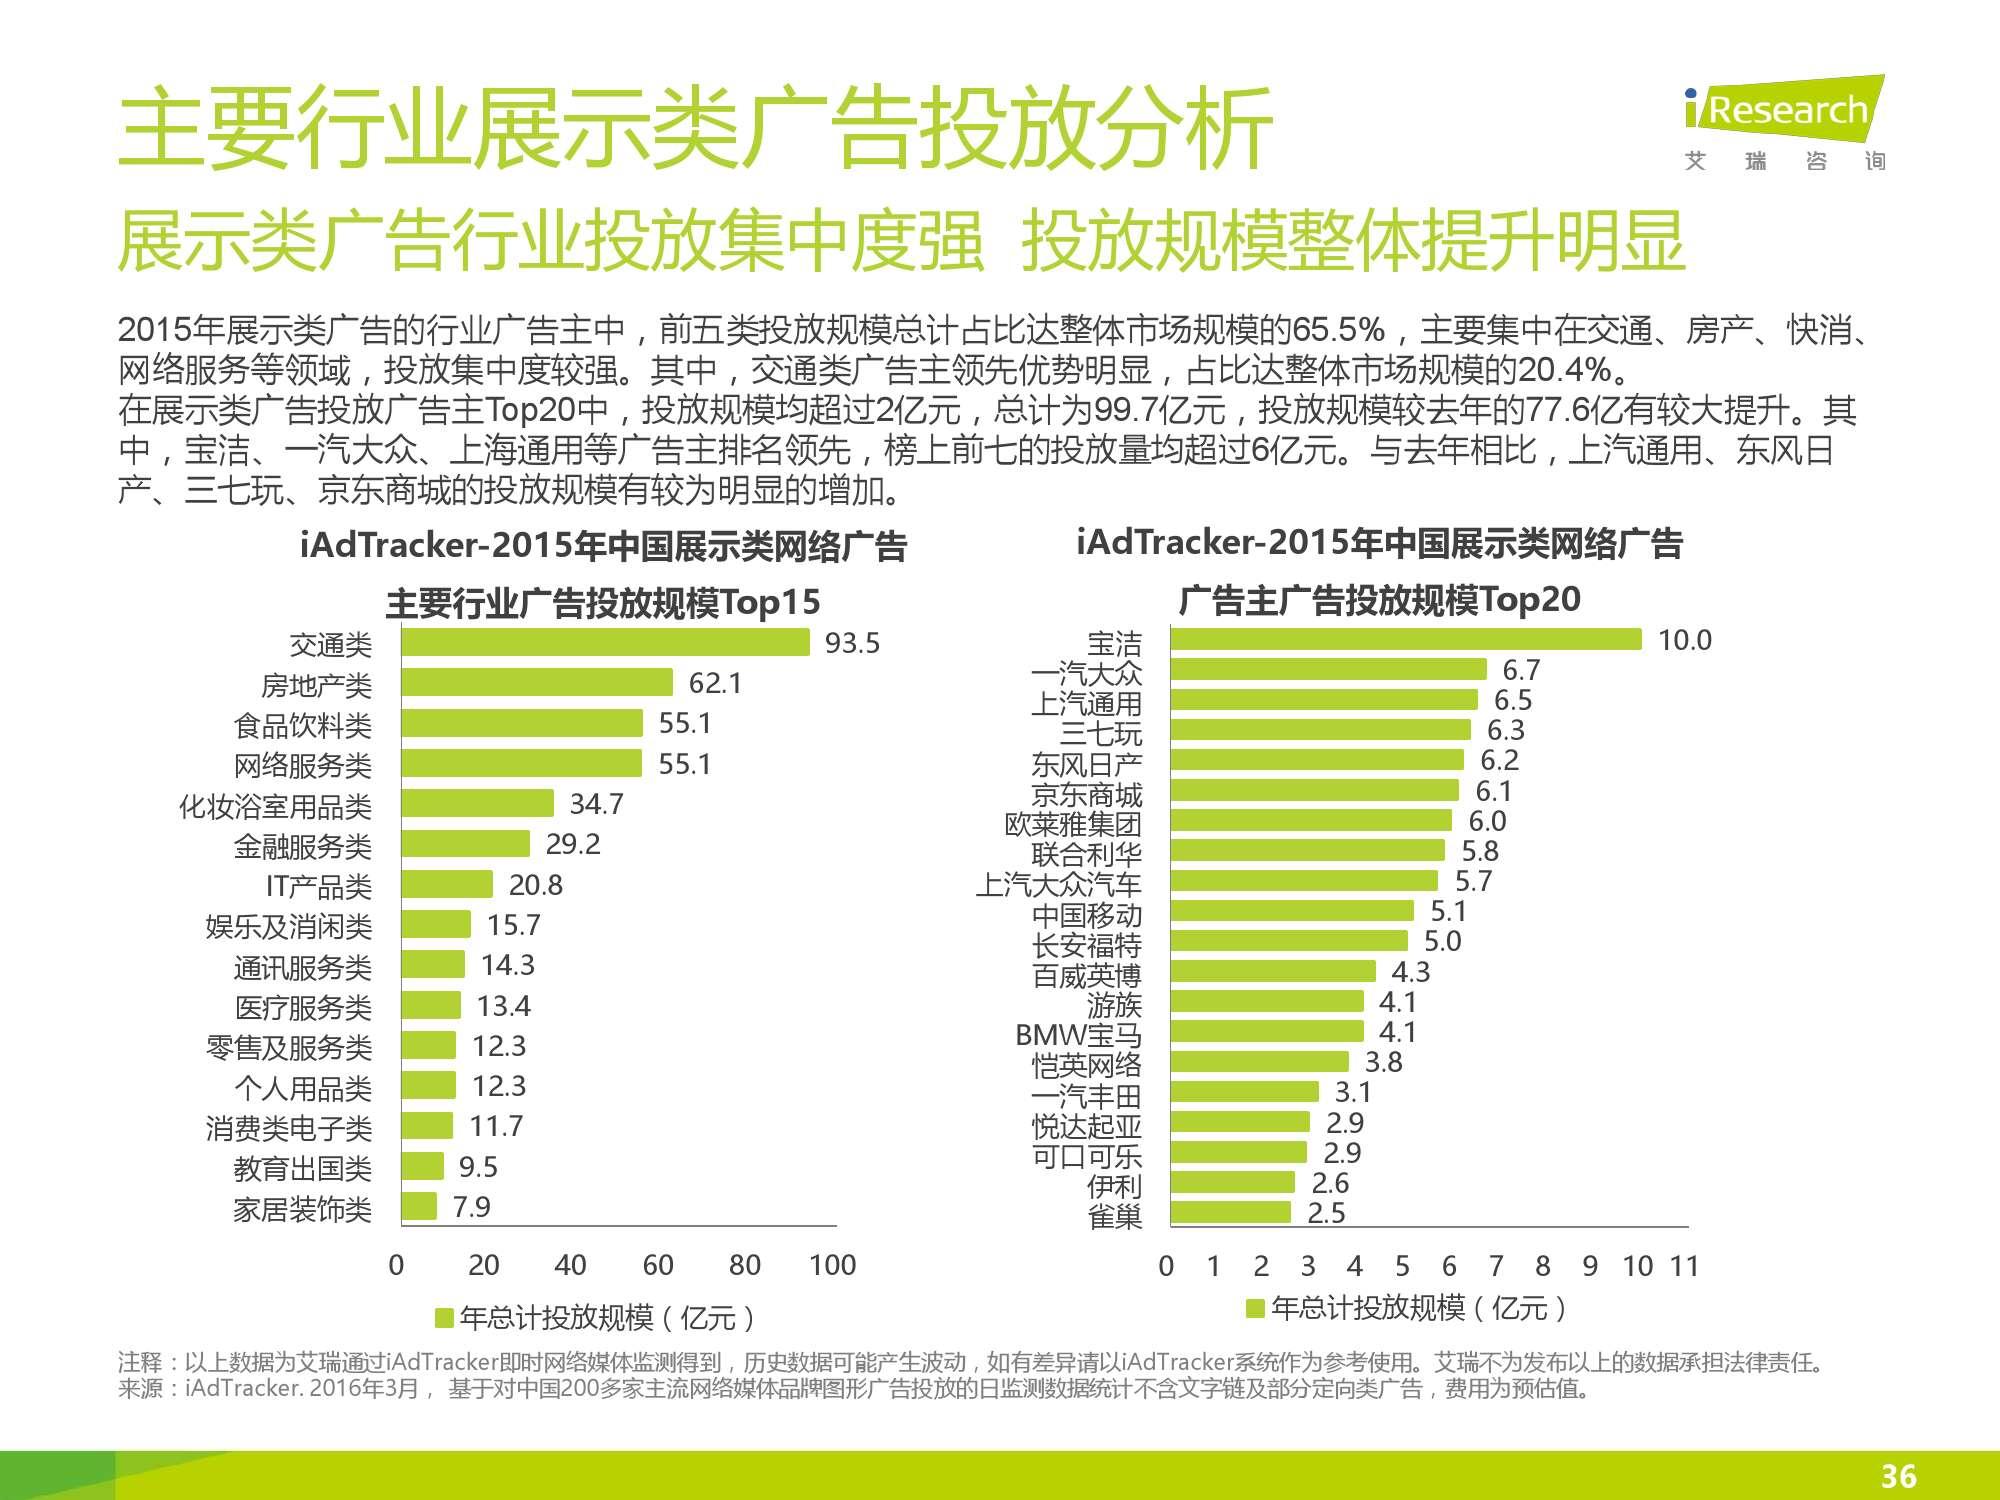 2016年中国网络广告行业年度监测报告简版_000036